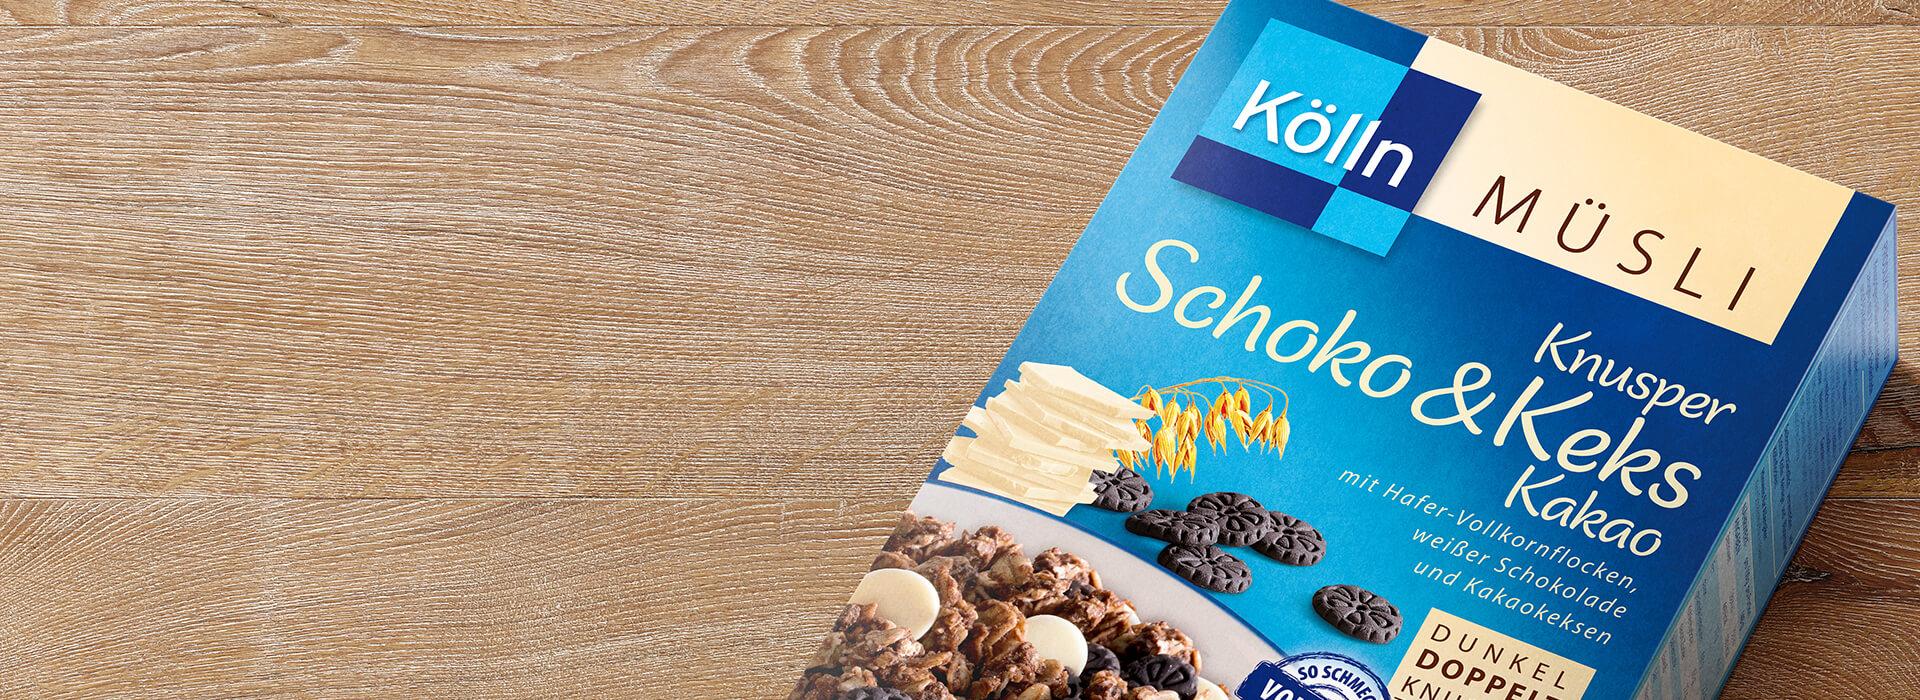 Knusper Müsli mit Schoko, Keks & Kakao